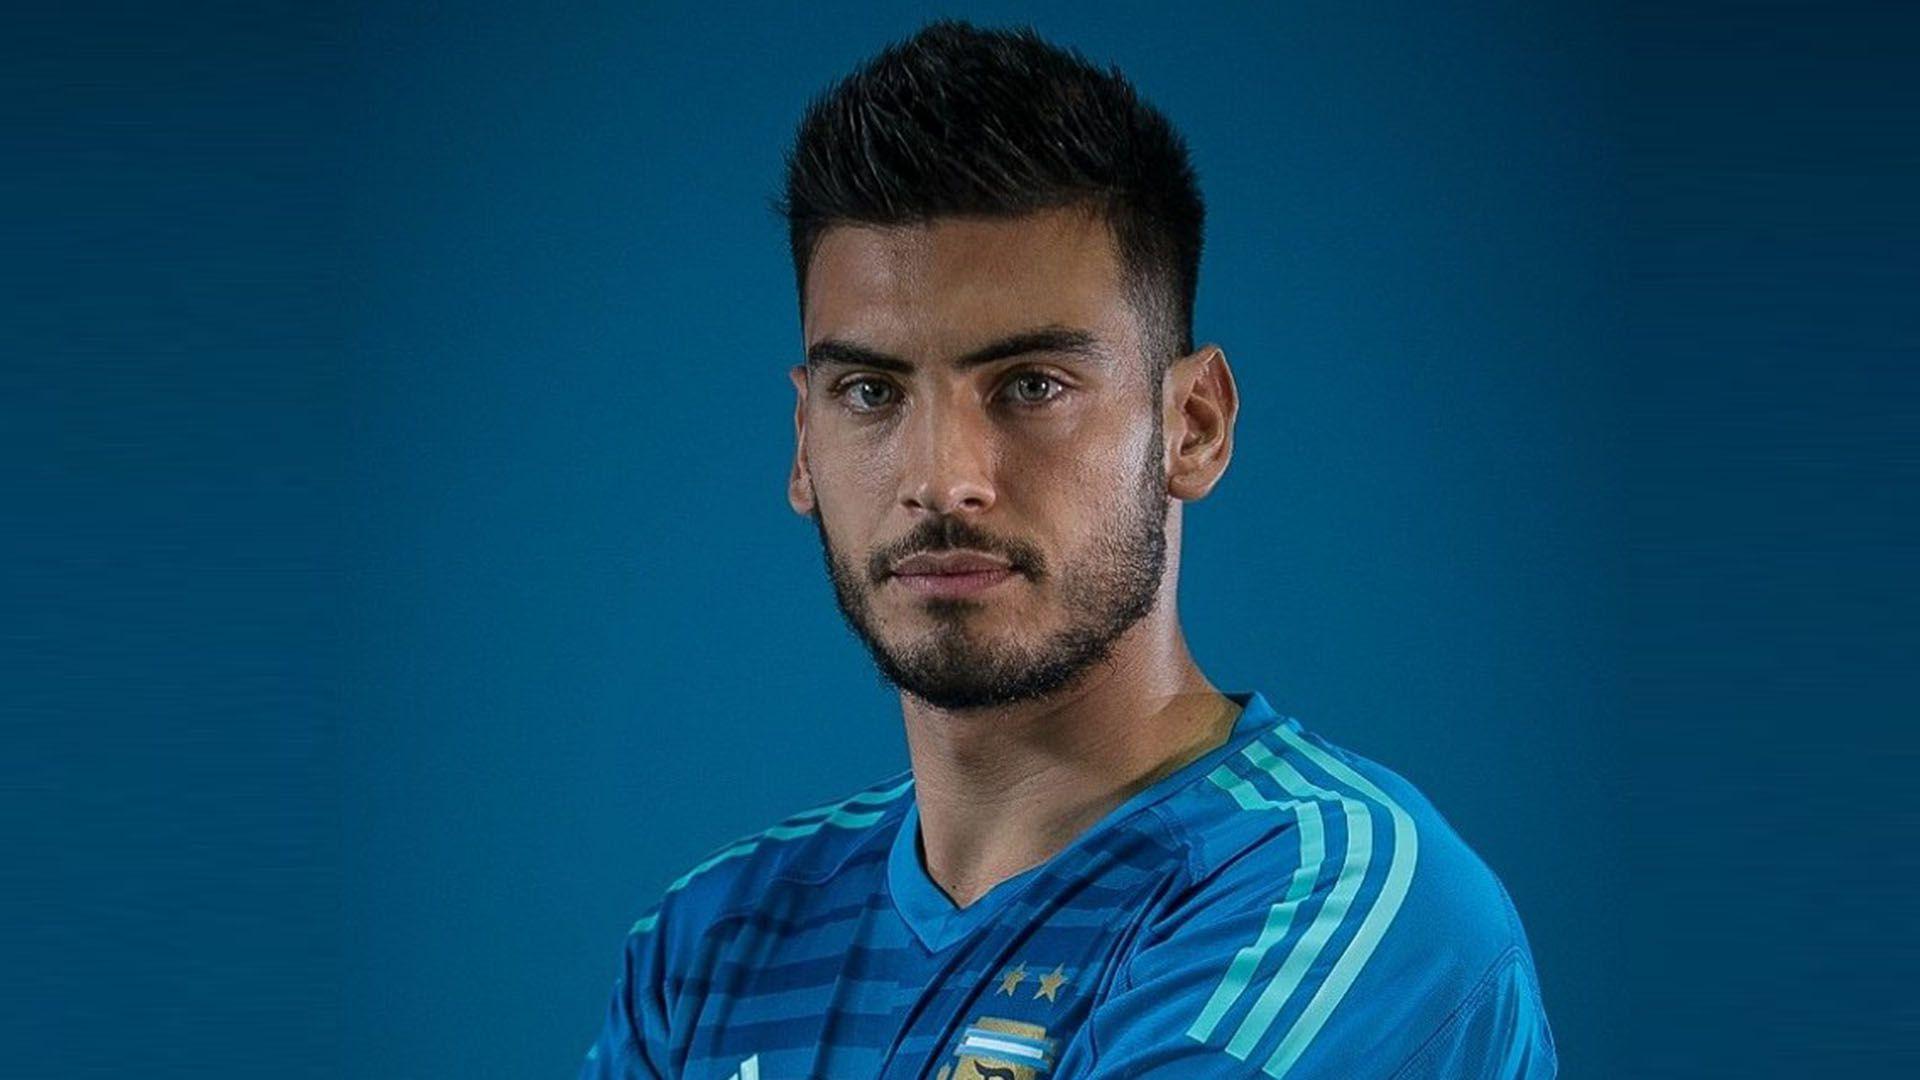 Gazzaniga, suplente en Tottenham, sumó minutos en un amistoso con México en 2018 (@Argentina)